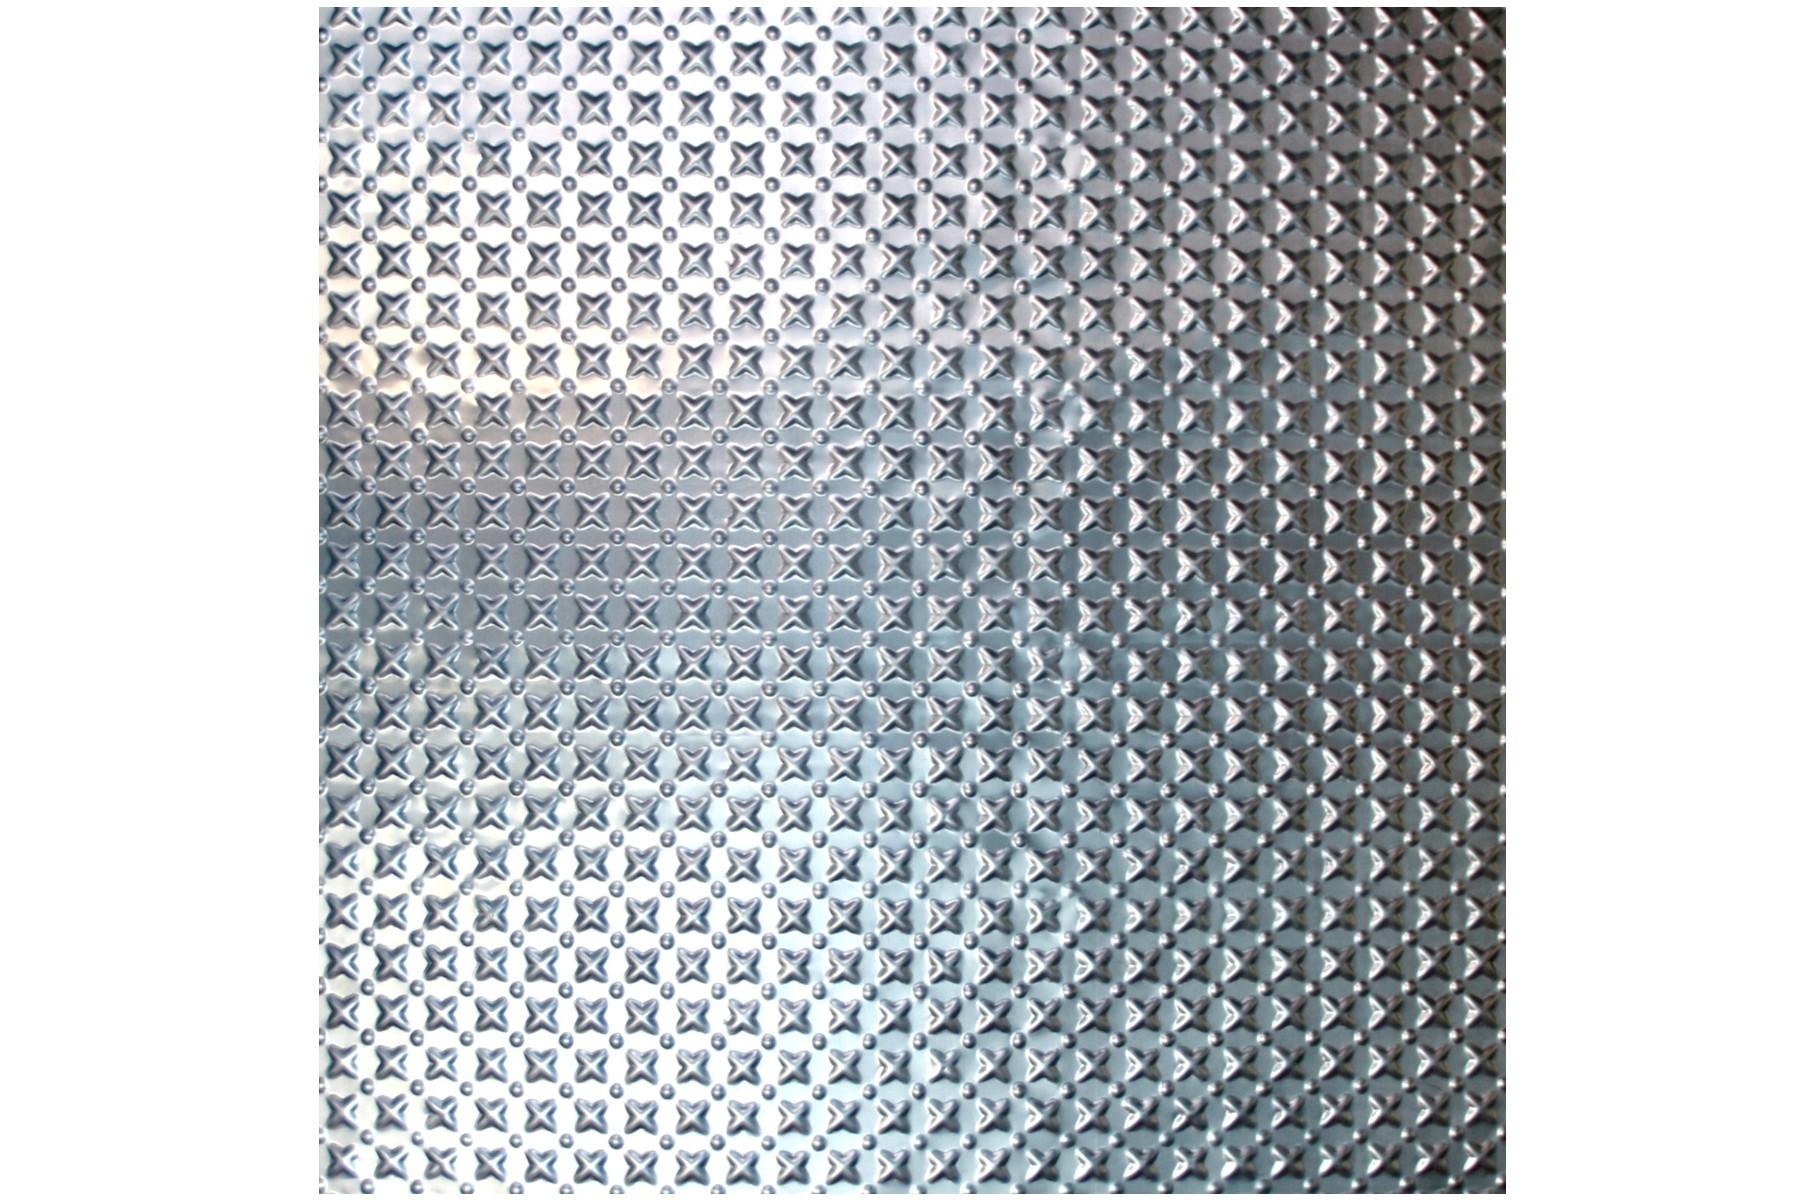 Wunderlich Pressed Metal Panels No 1387 Stars